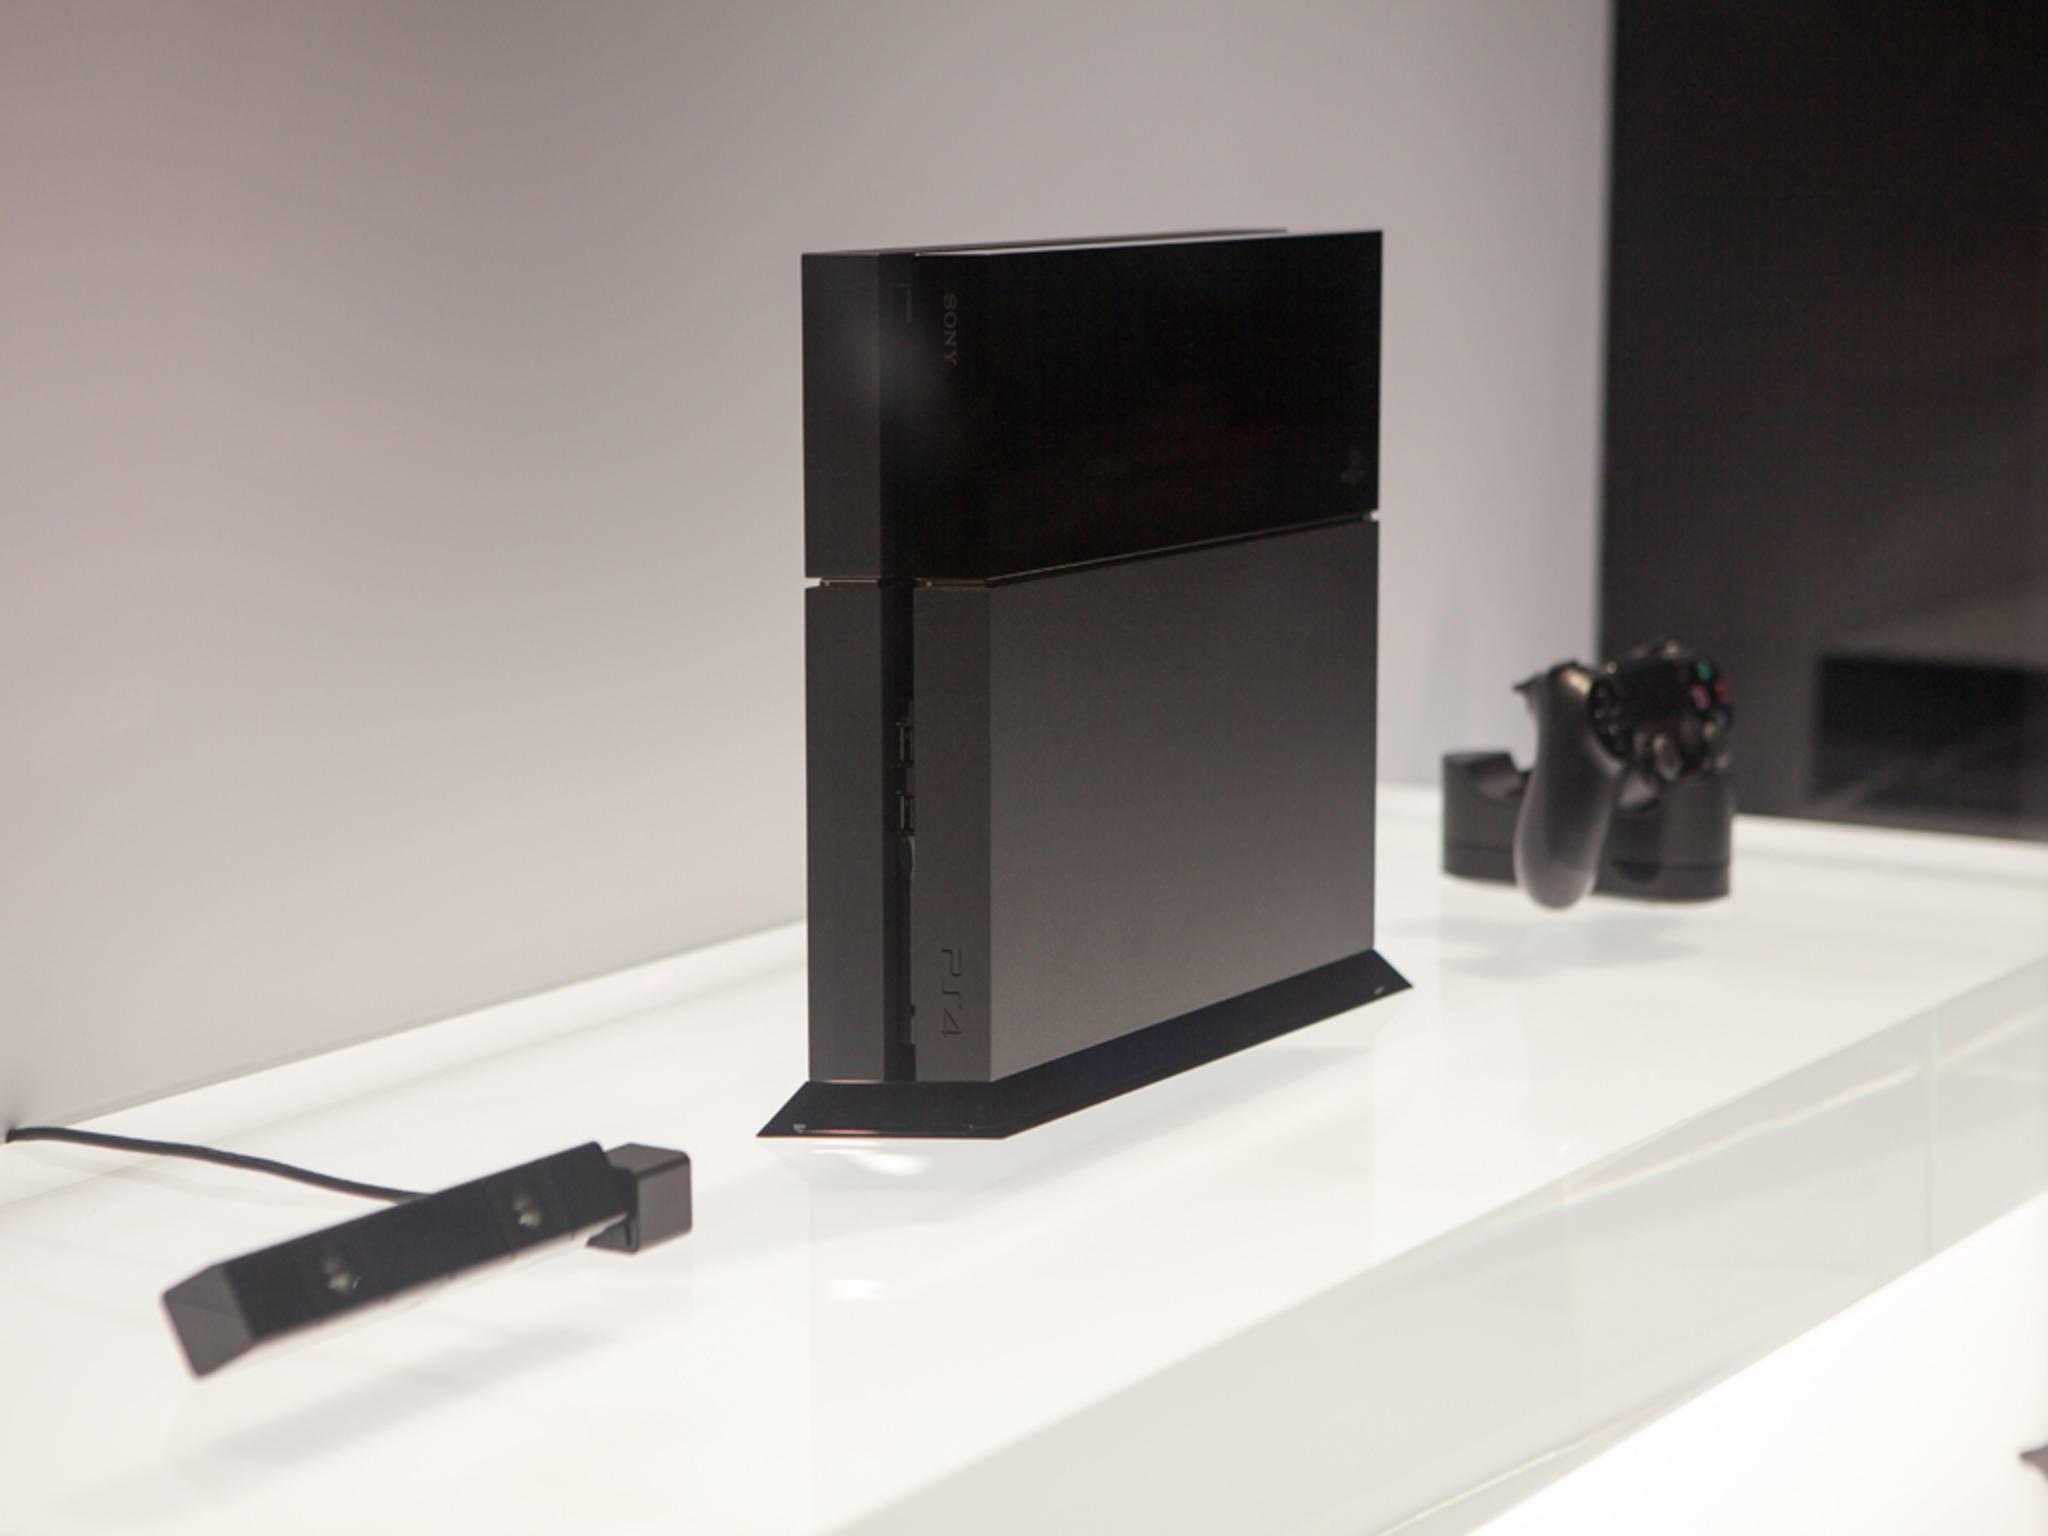 Die PlayStation 4: Musste Sony eine neue Version entwickeln, um Geld zu sparen?